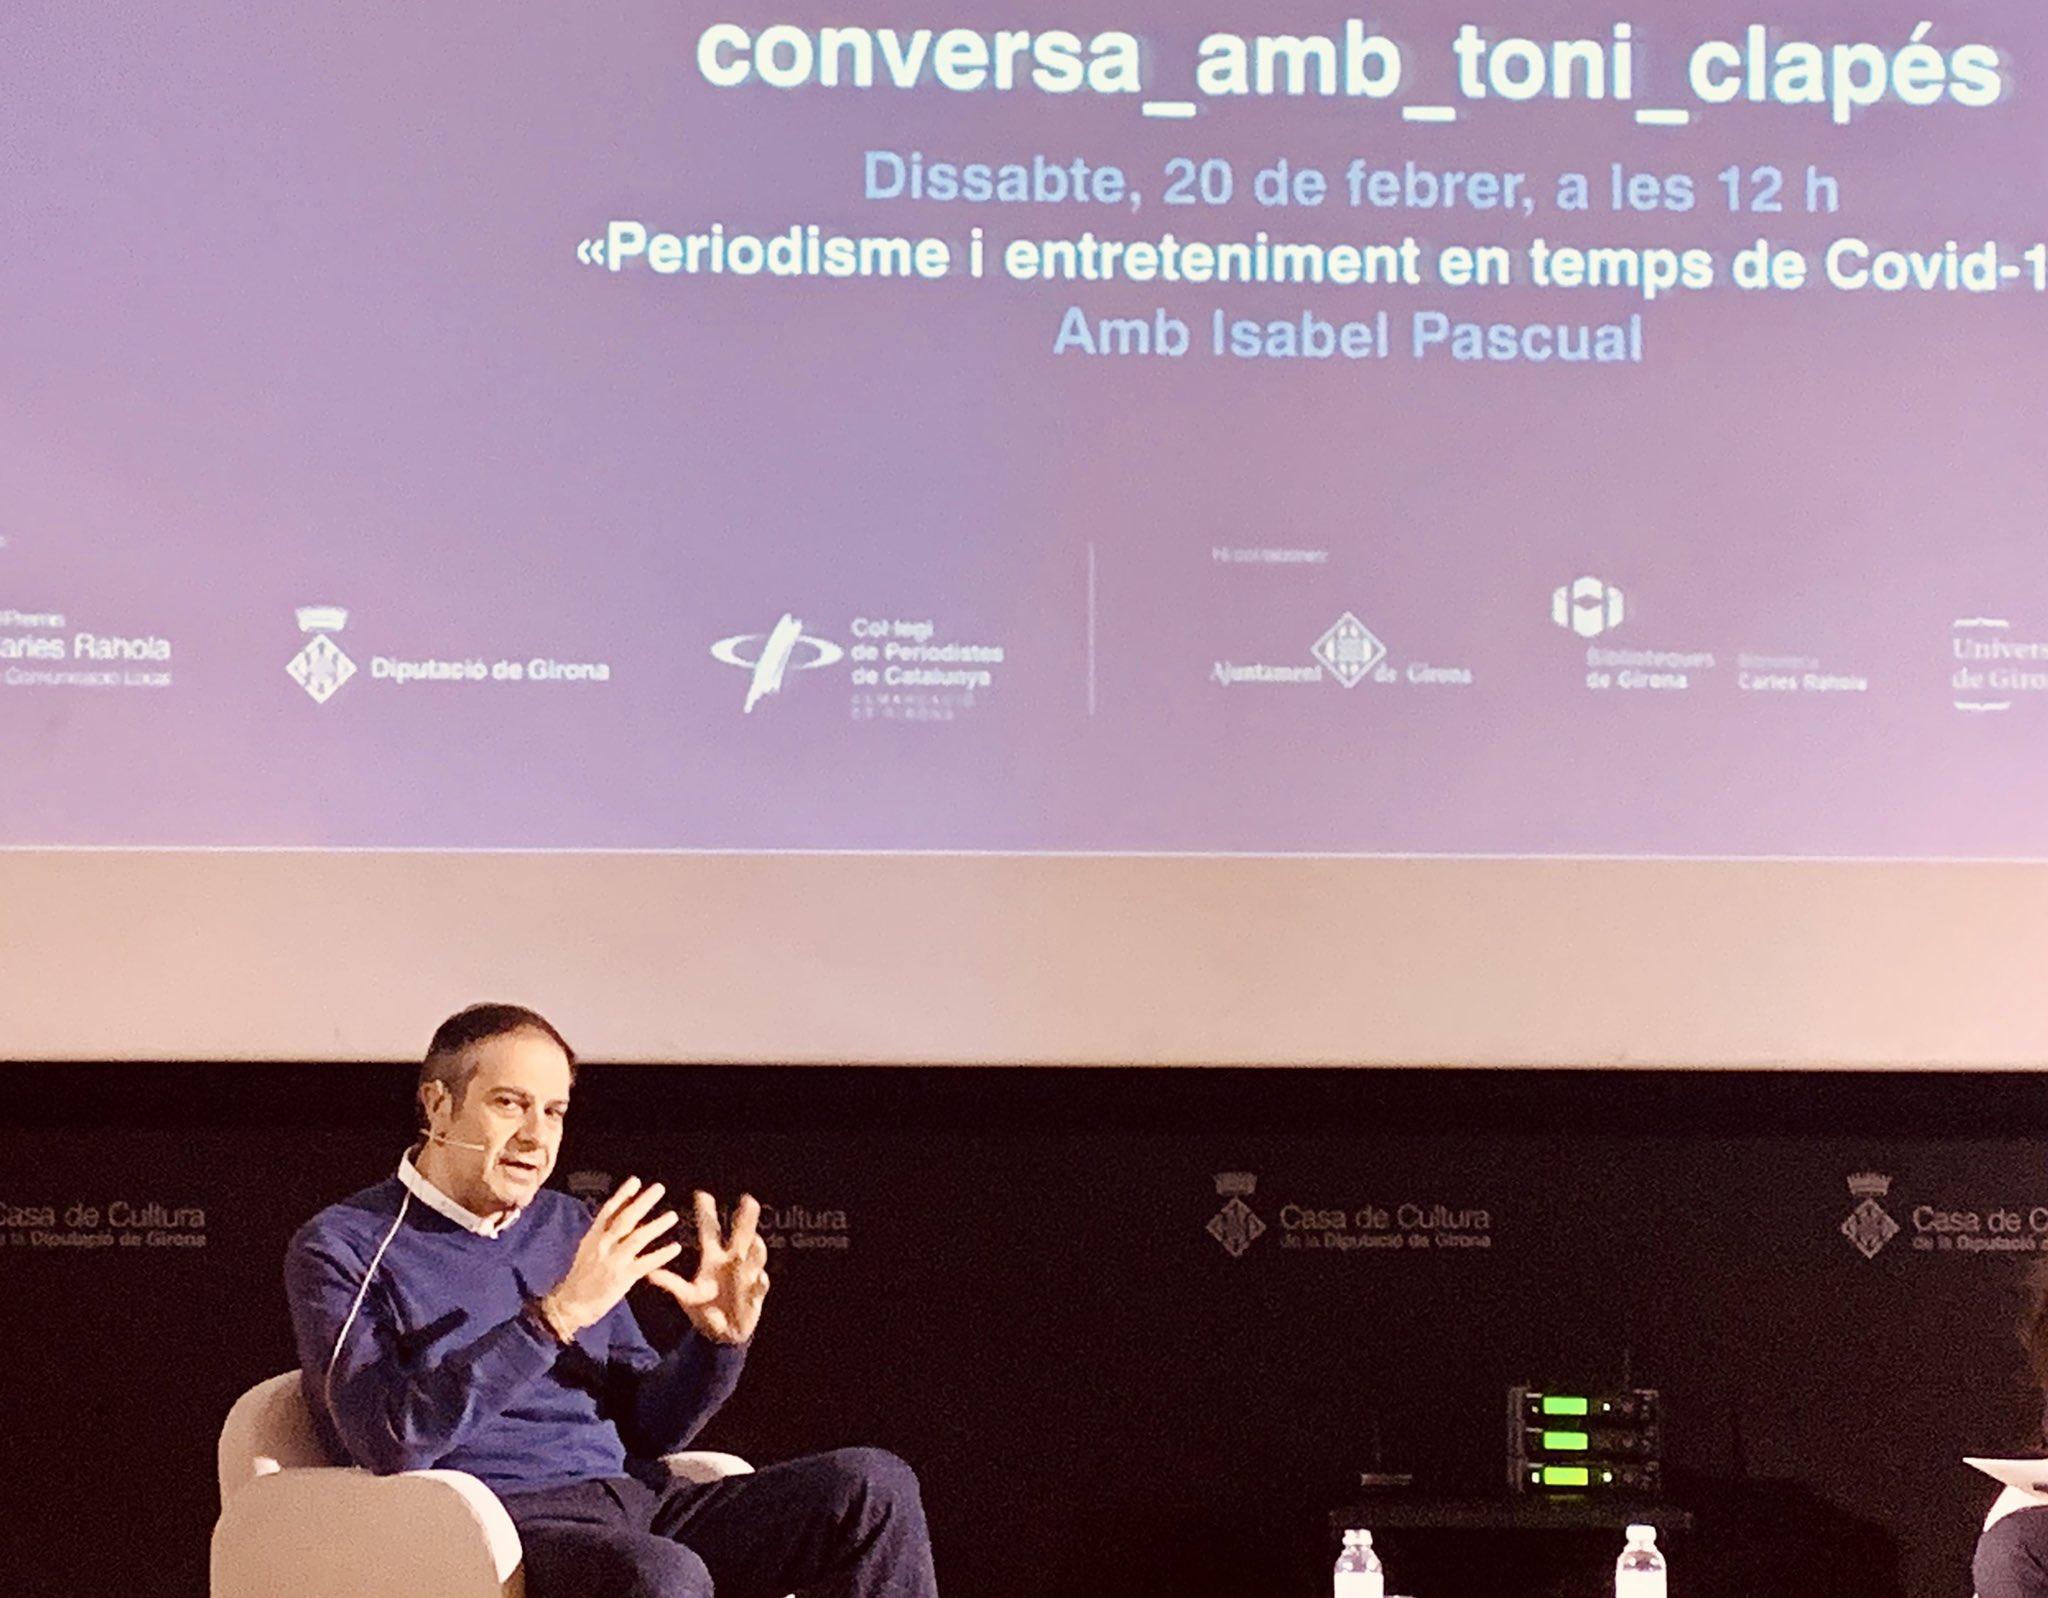 Toni Clapés Conferència a Girona. Blog Eduard Batlle